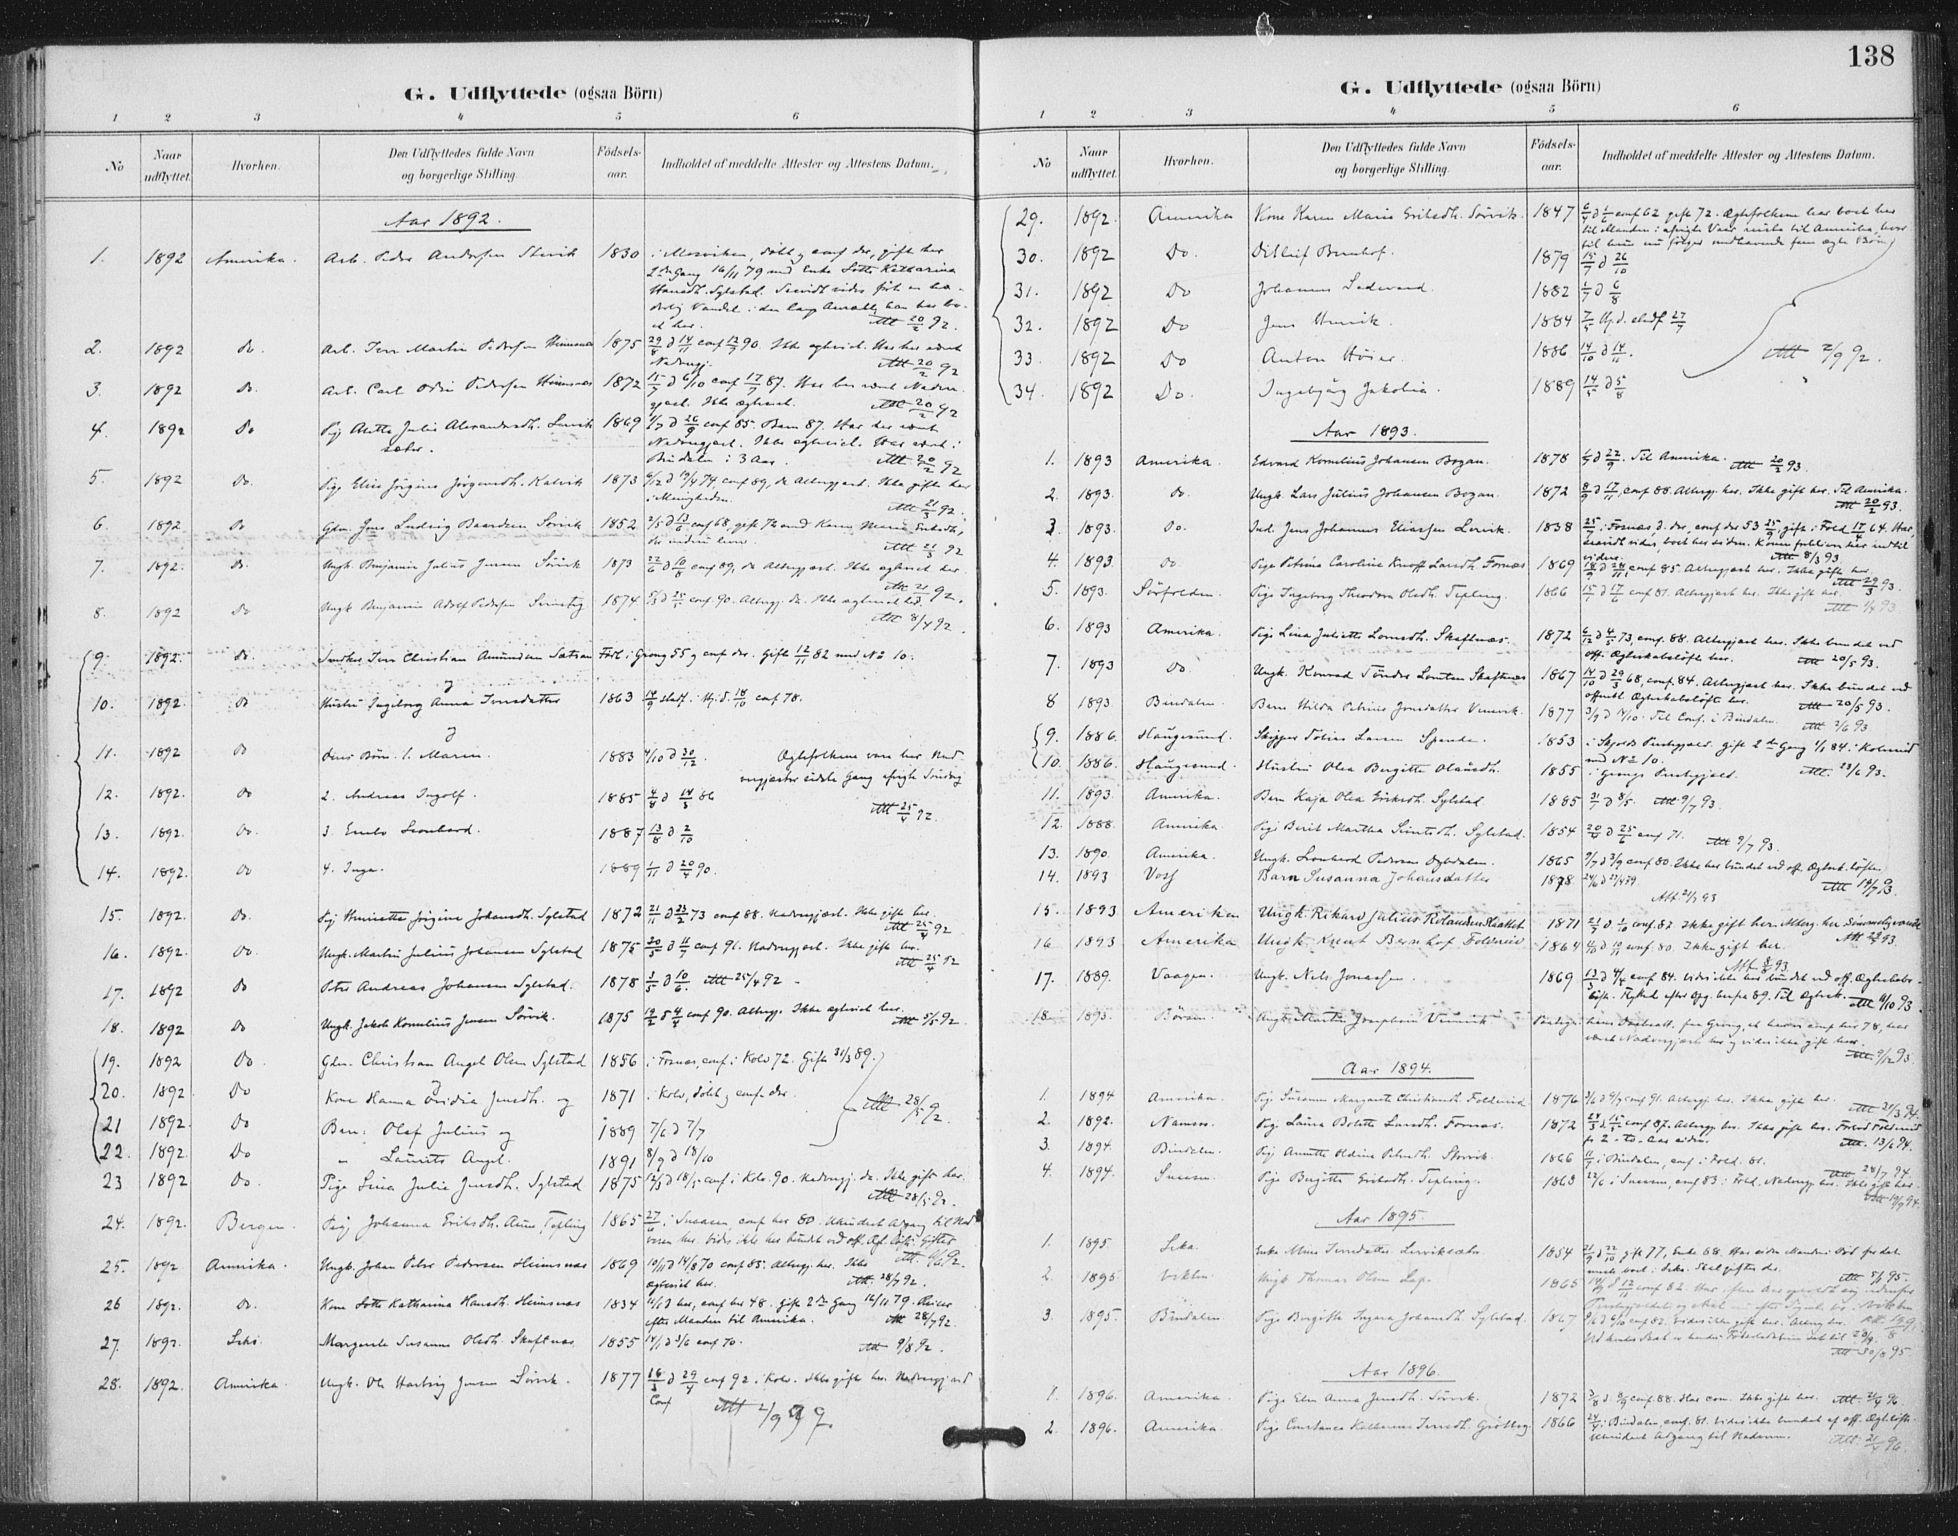 SAT, Ministerialprotokoller, klokkerbøker og fødselsregistre - Nord-Trøndelag, 783/L0660: Ministerialbok nr. 783A02, 1886-1918, s. 138